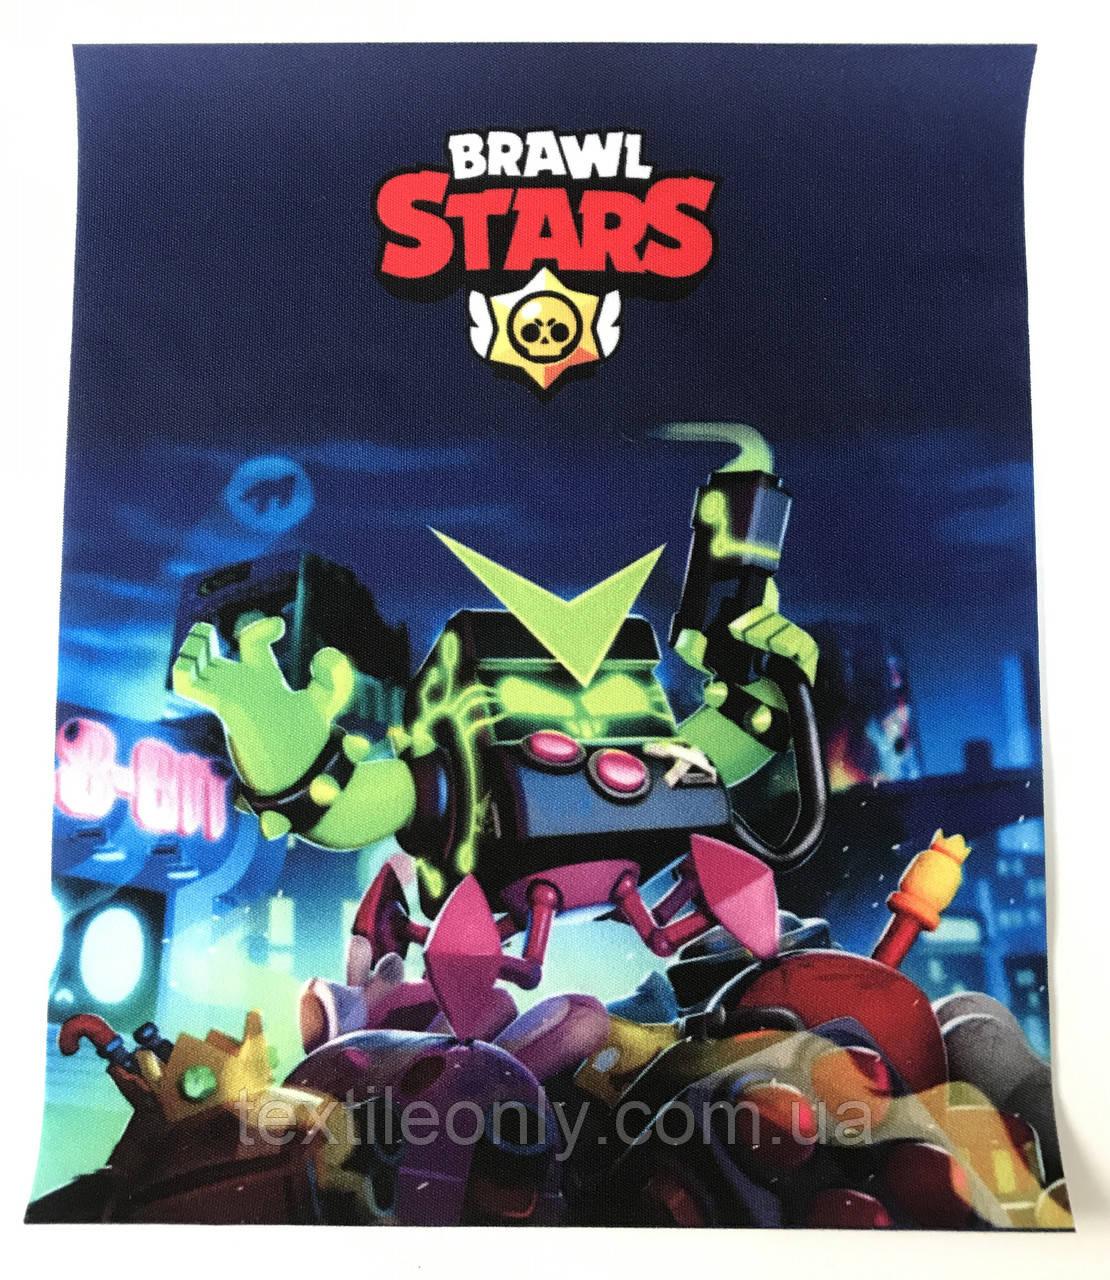 Нашивка Brawl Stars Робот / Бравл Старс 170х200 мм